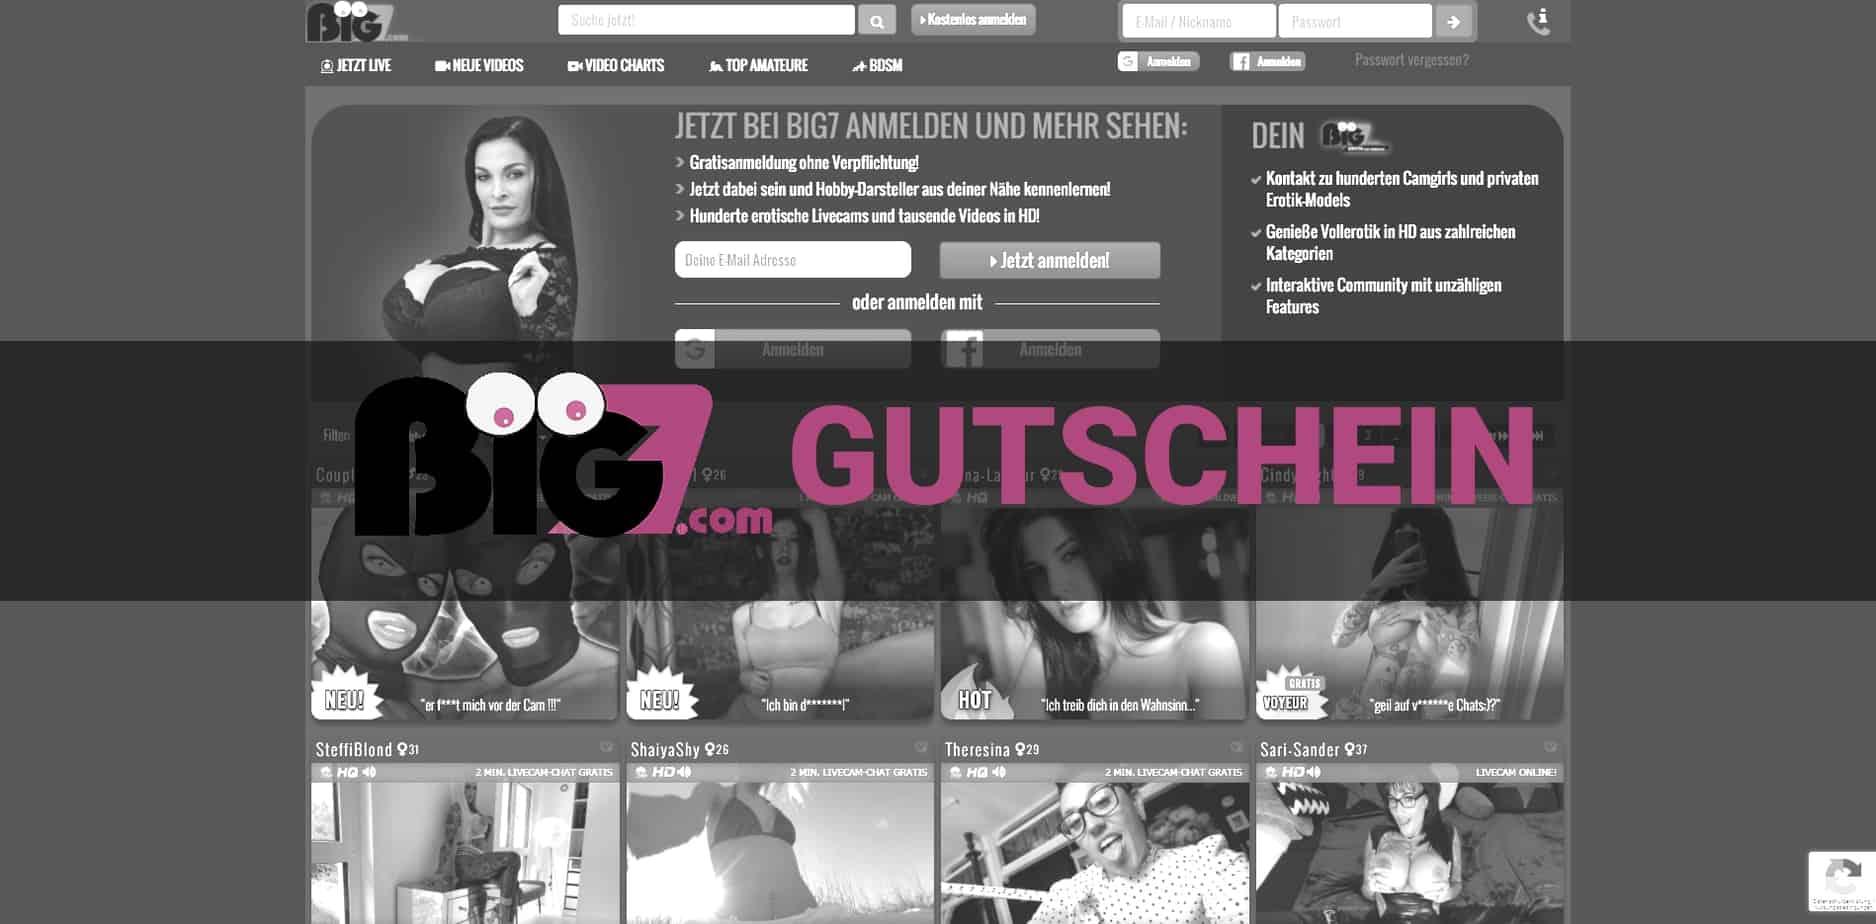 Big7.com Gutschein